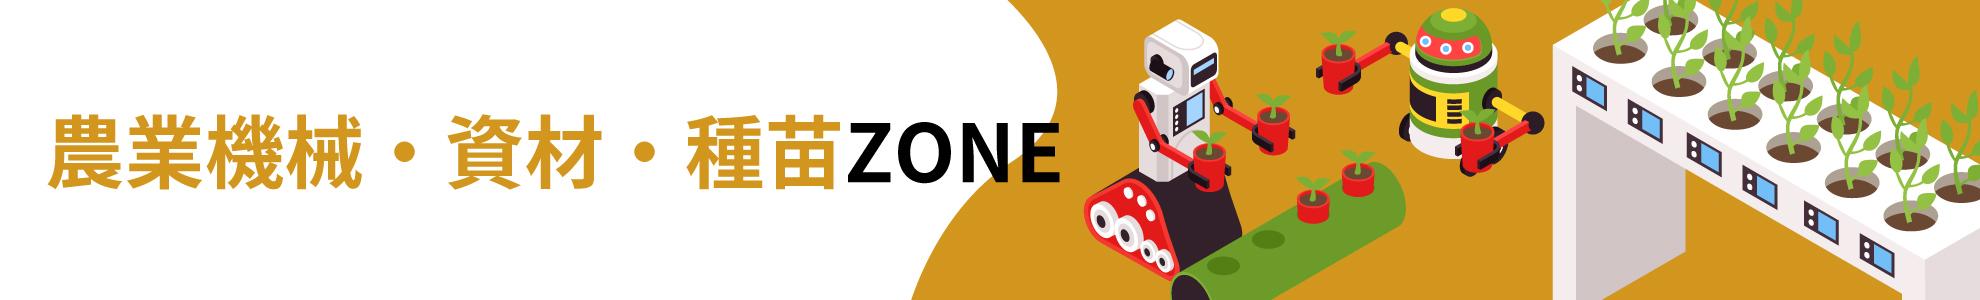 農業機械・資材・種苗ZONE